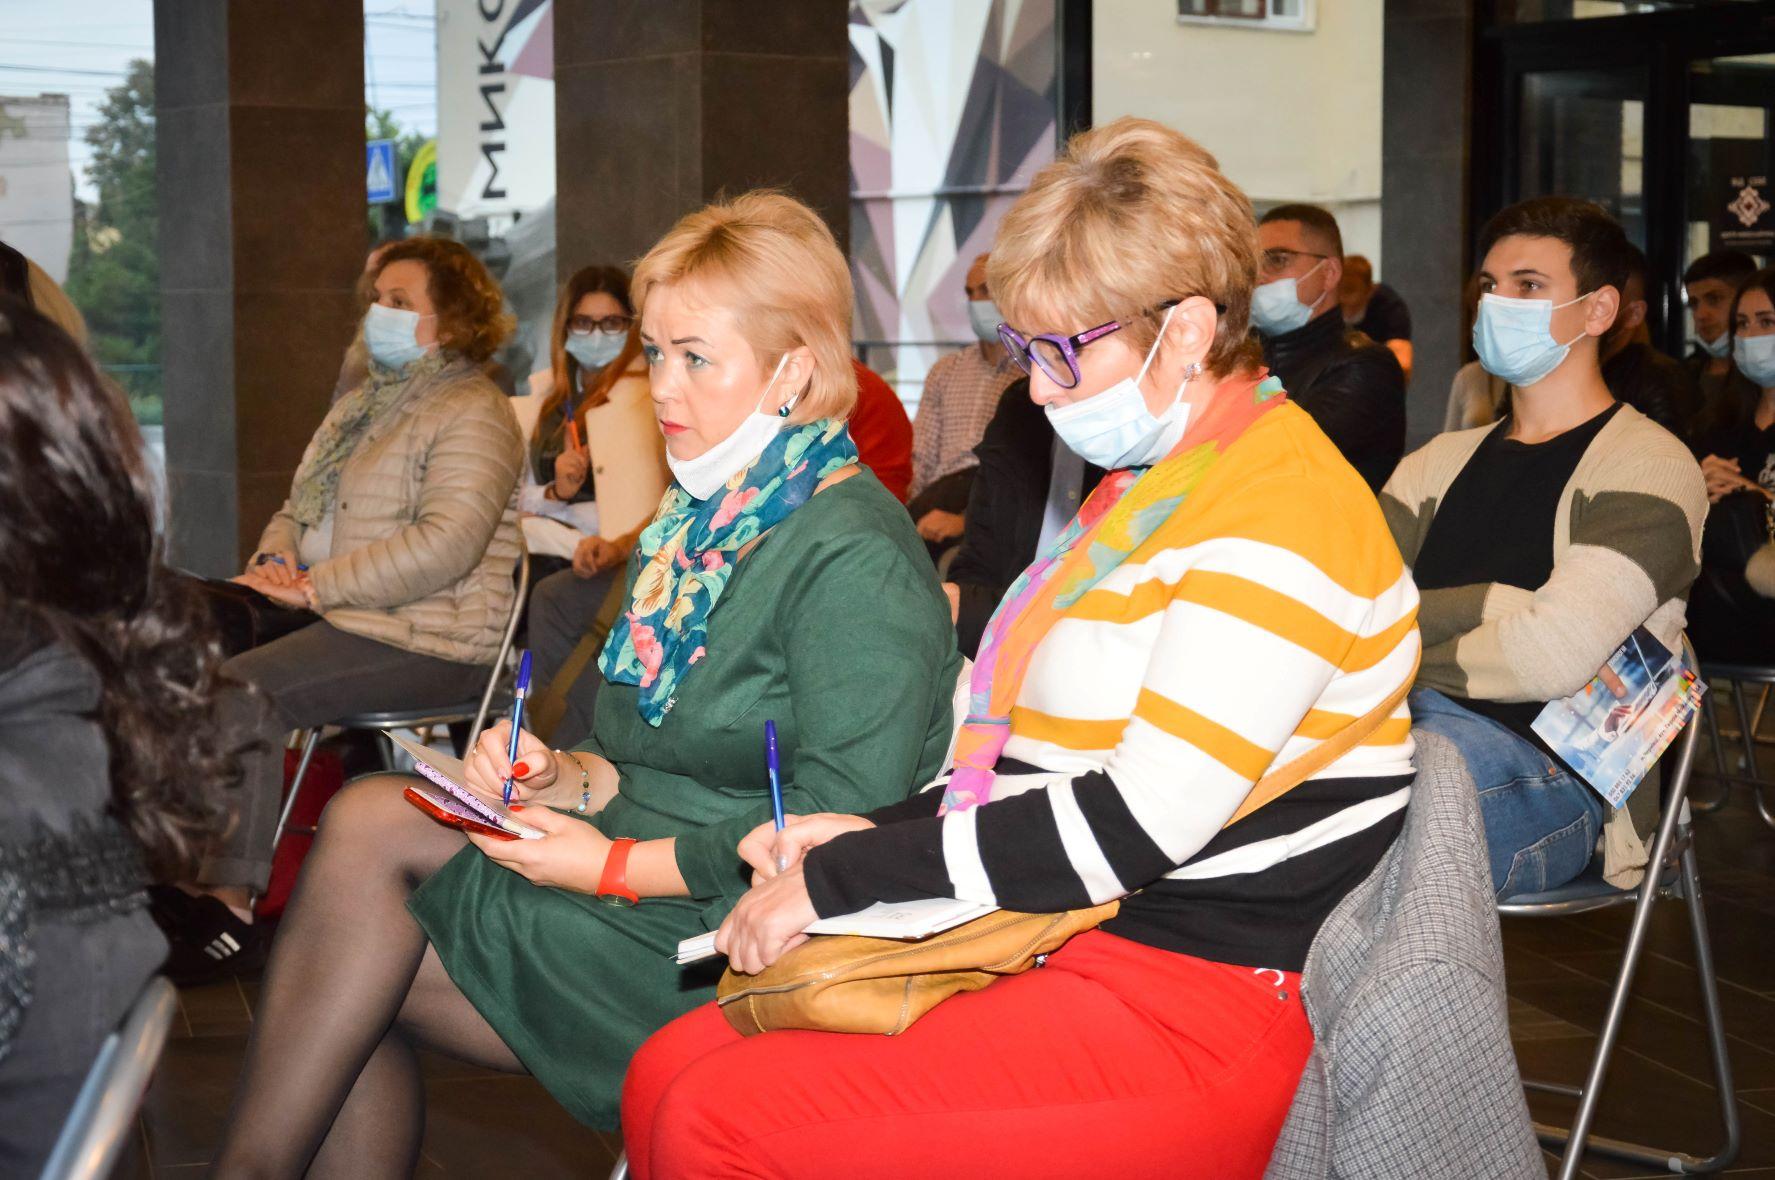 ЦБТ провів актуальну дискусійну панель в Чернівцях - 5 фото